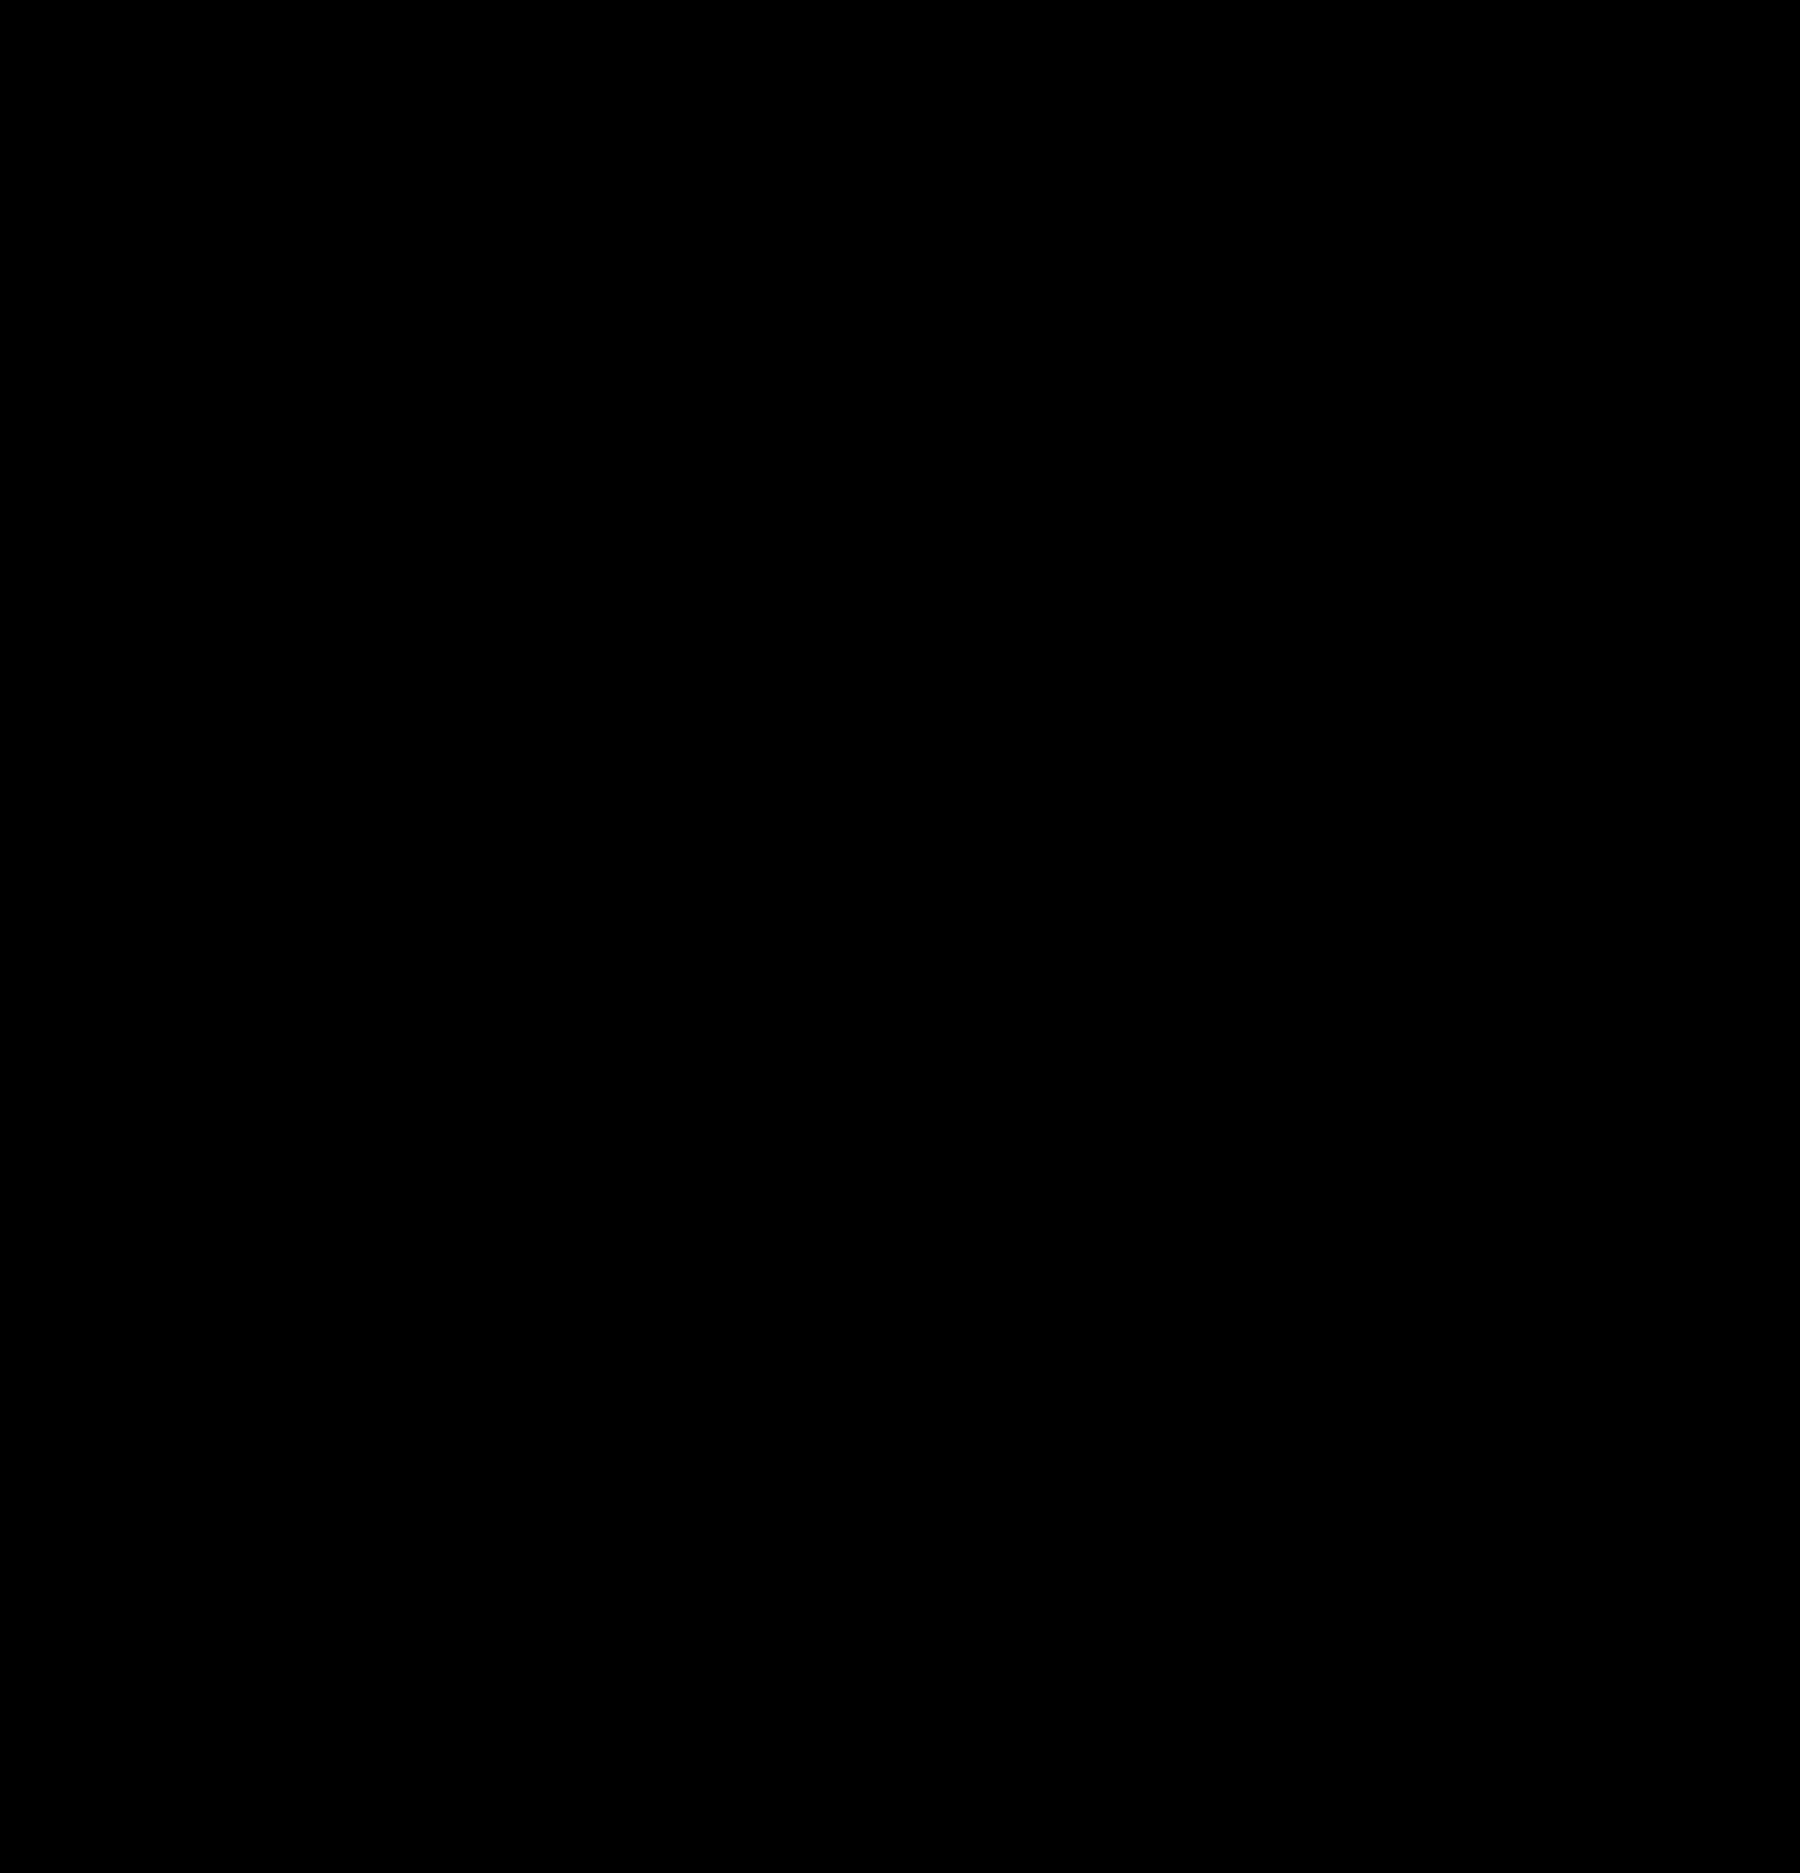 1800x1873 Military Logos Vector